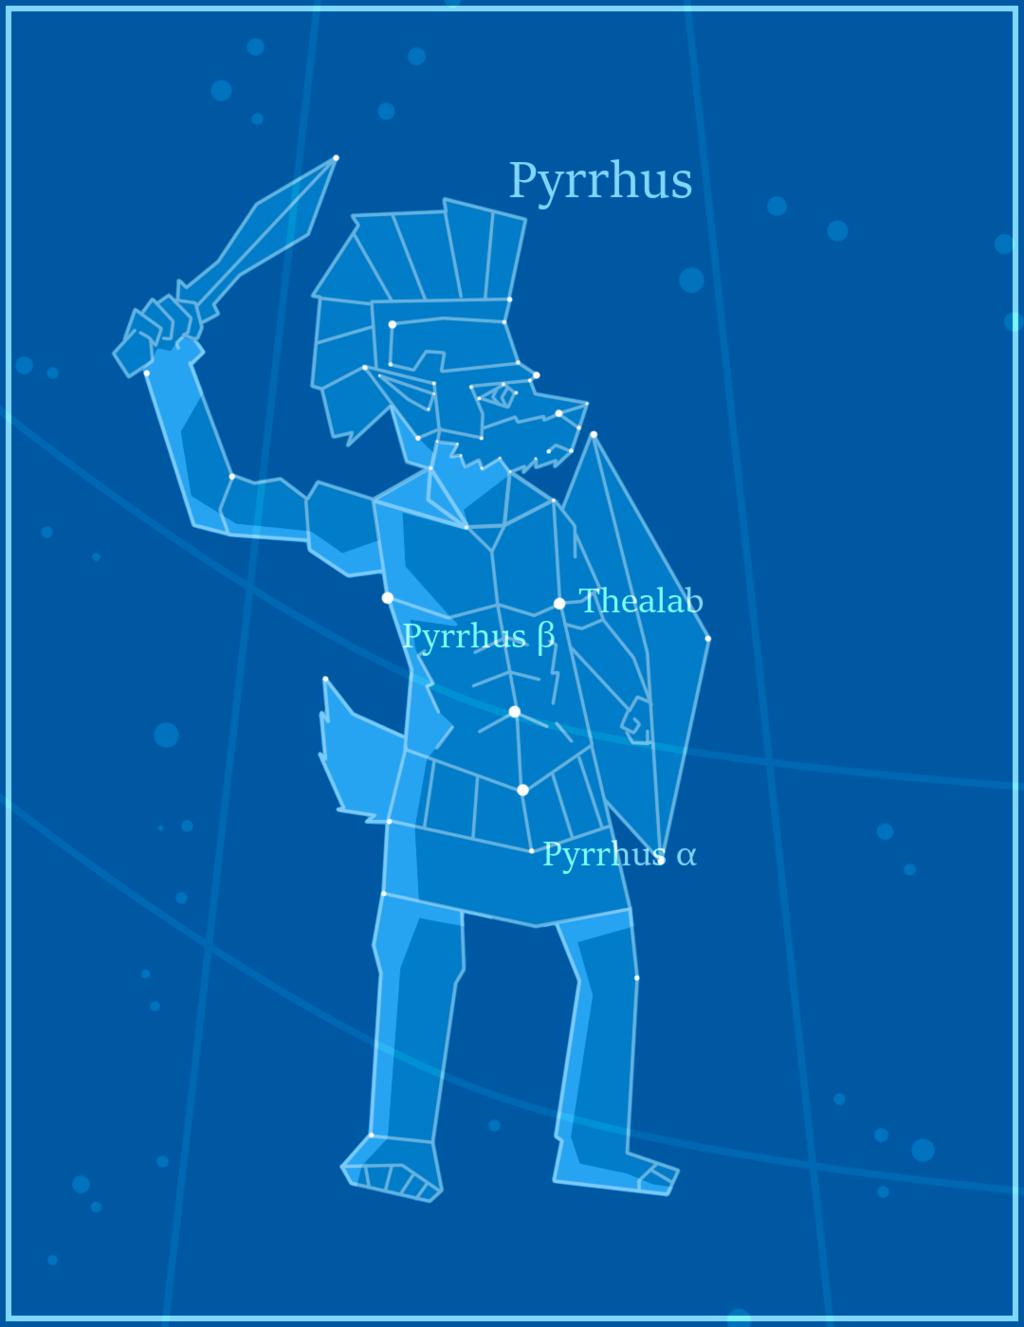 [Comm] Pyrrhus constellation